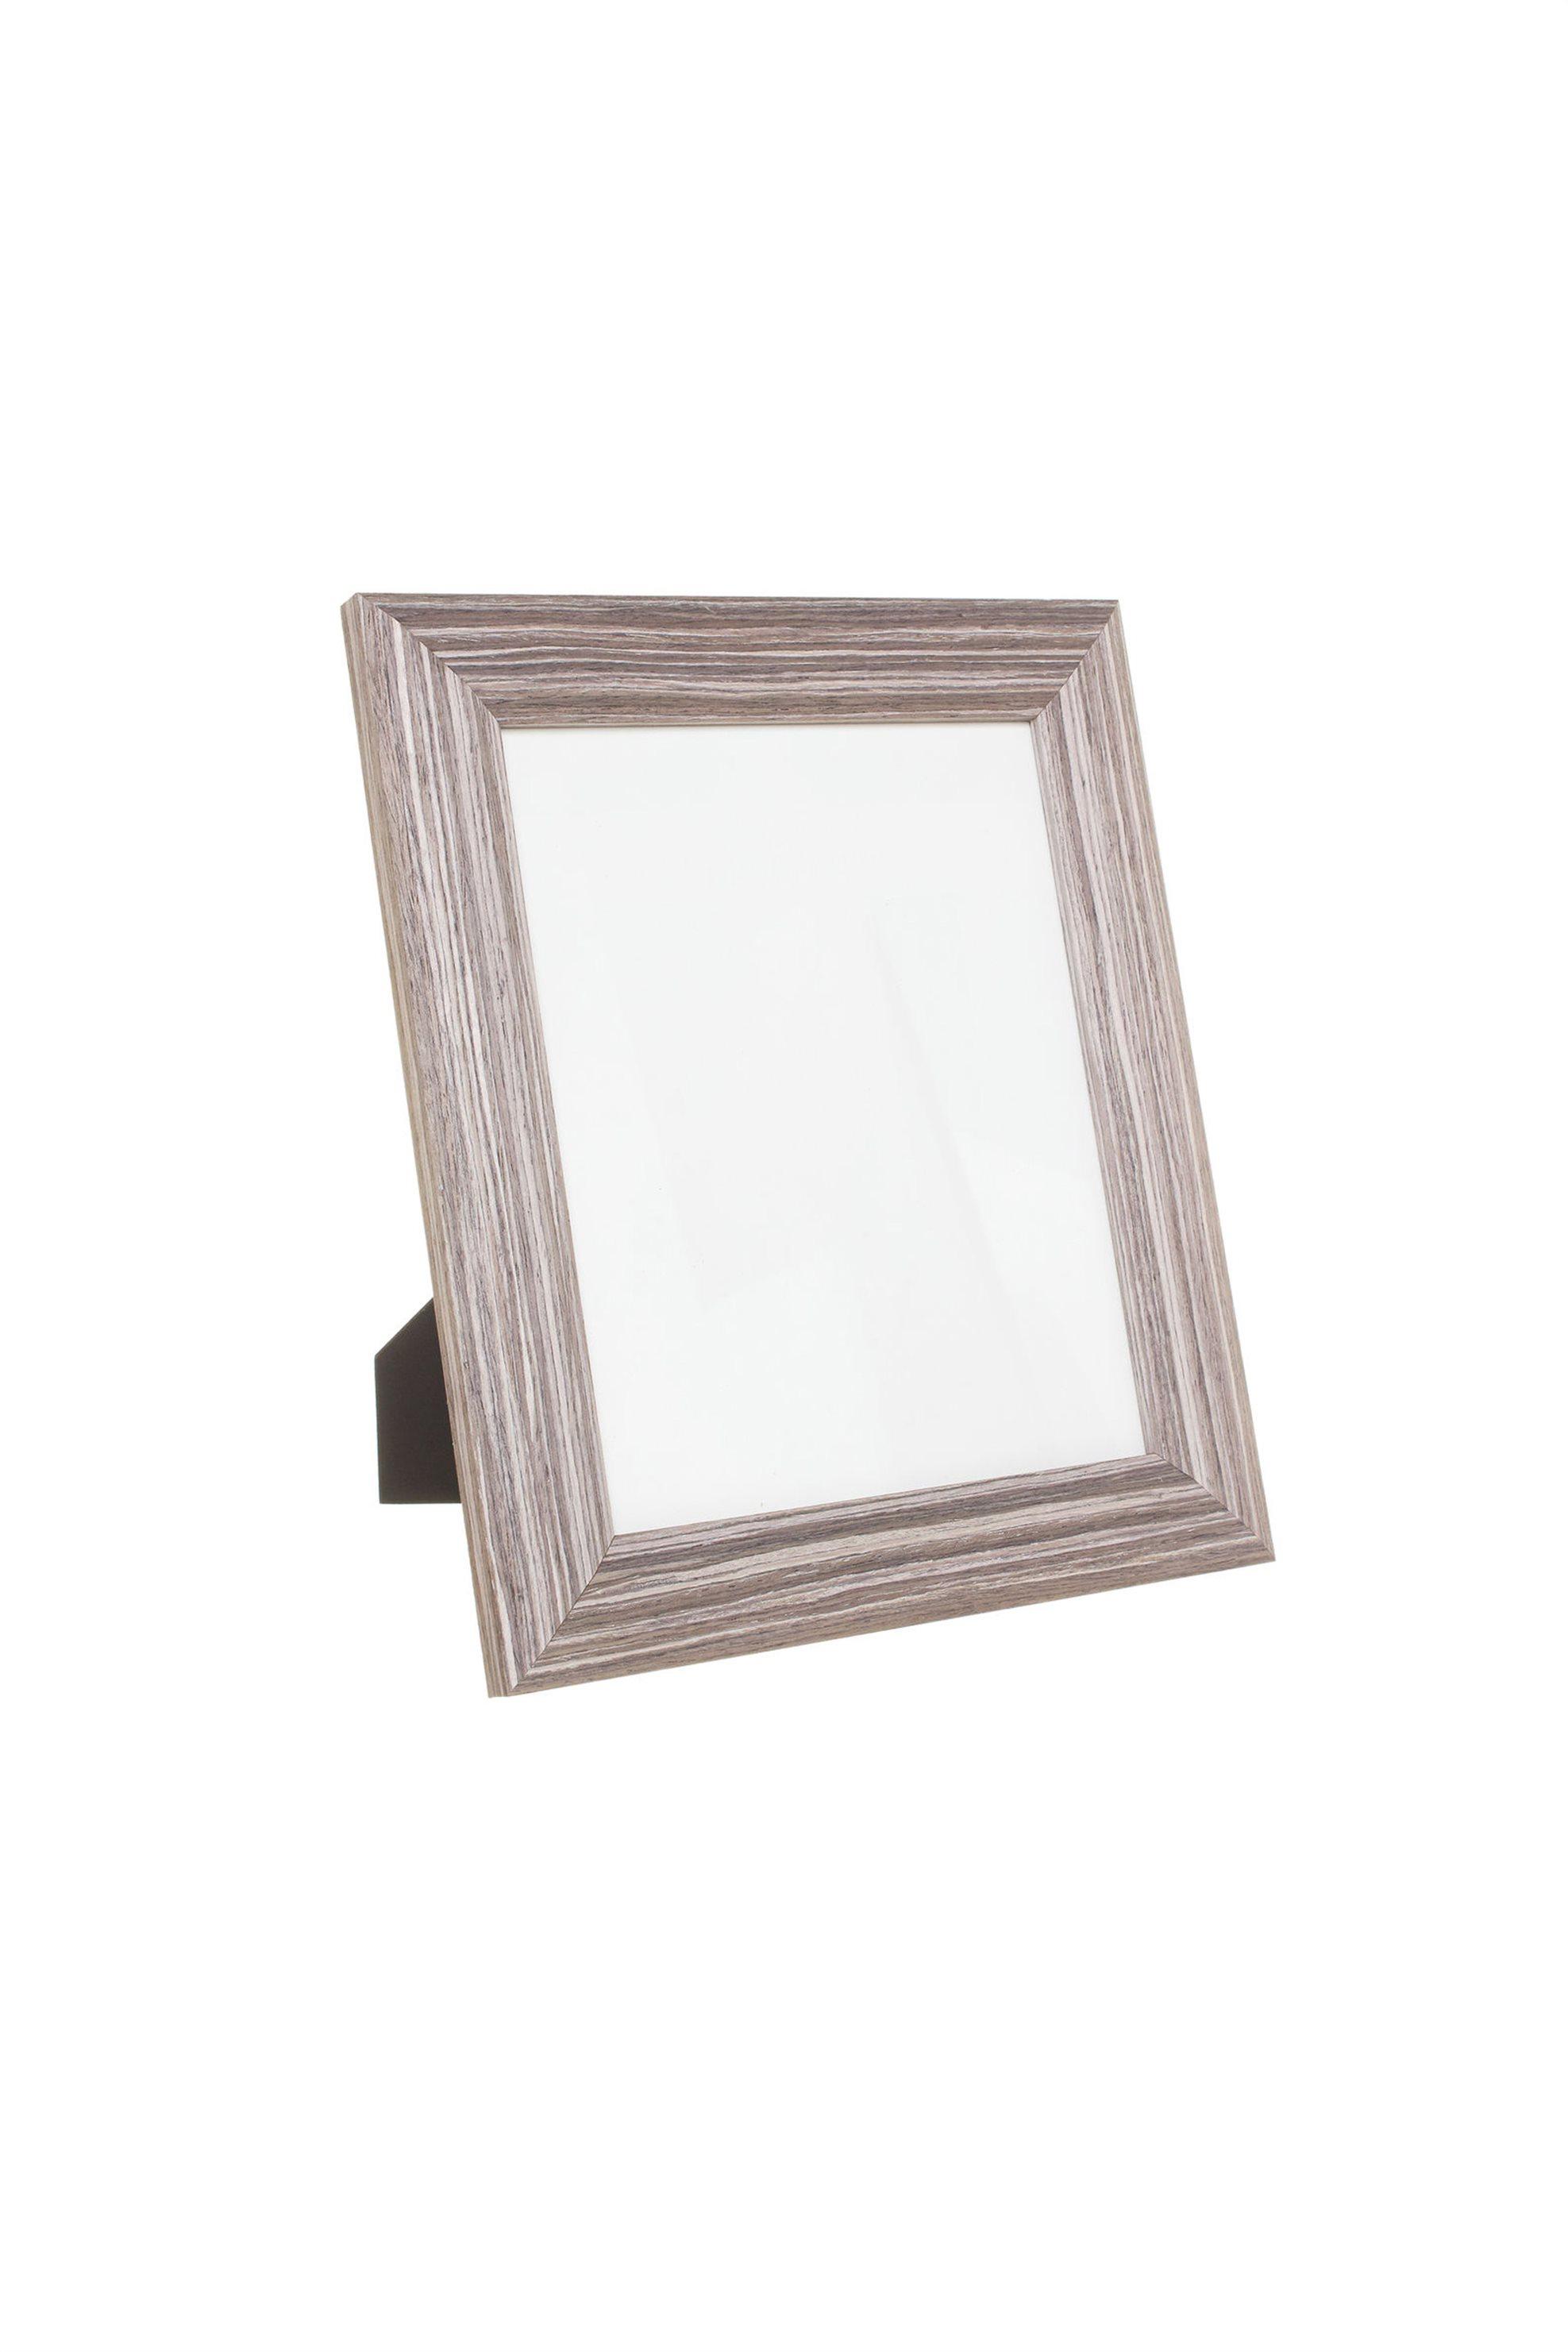 Κορνίζα με πλαίσιο ξύλου 25x20 Coincasa - 005621186 - Γκρι